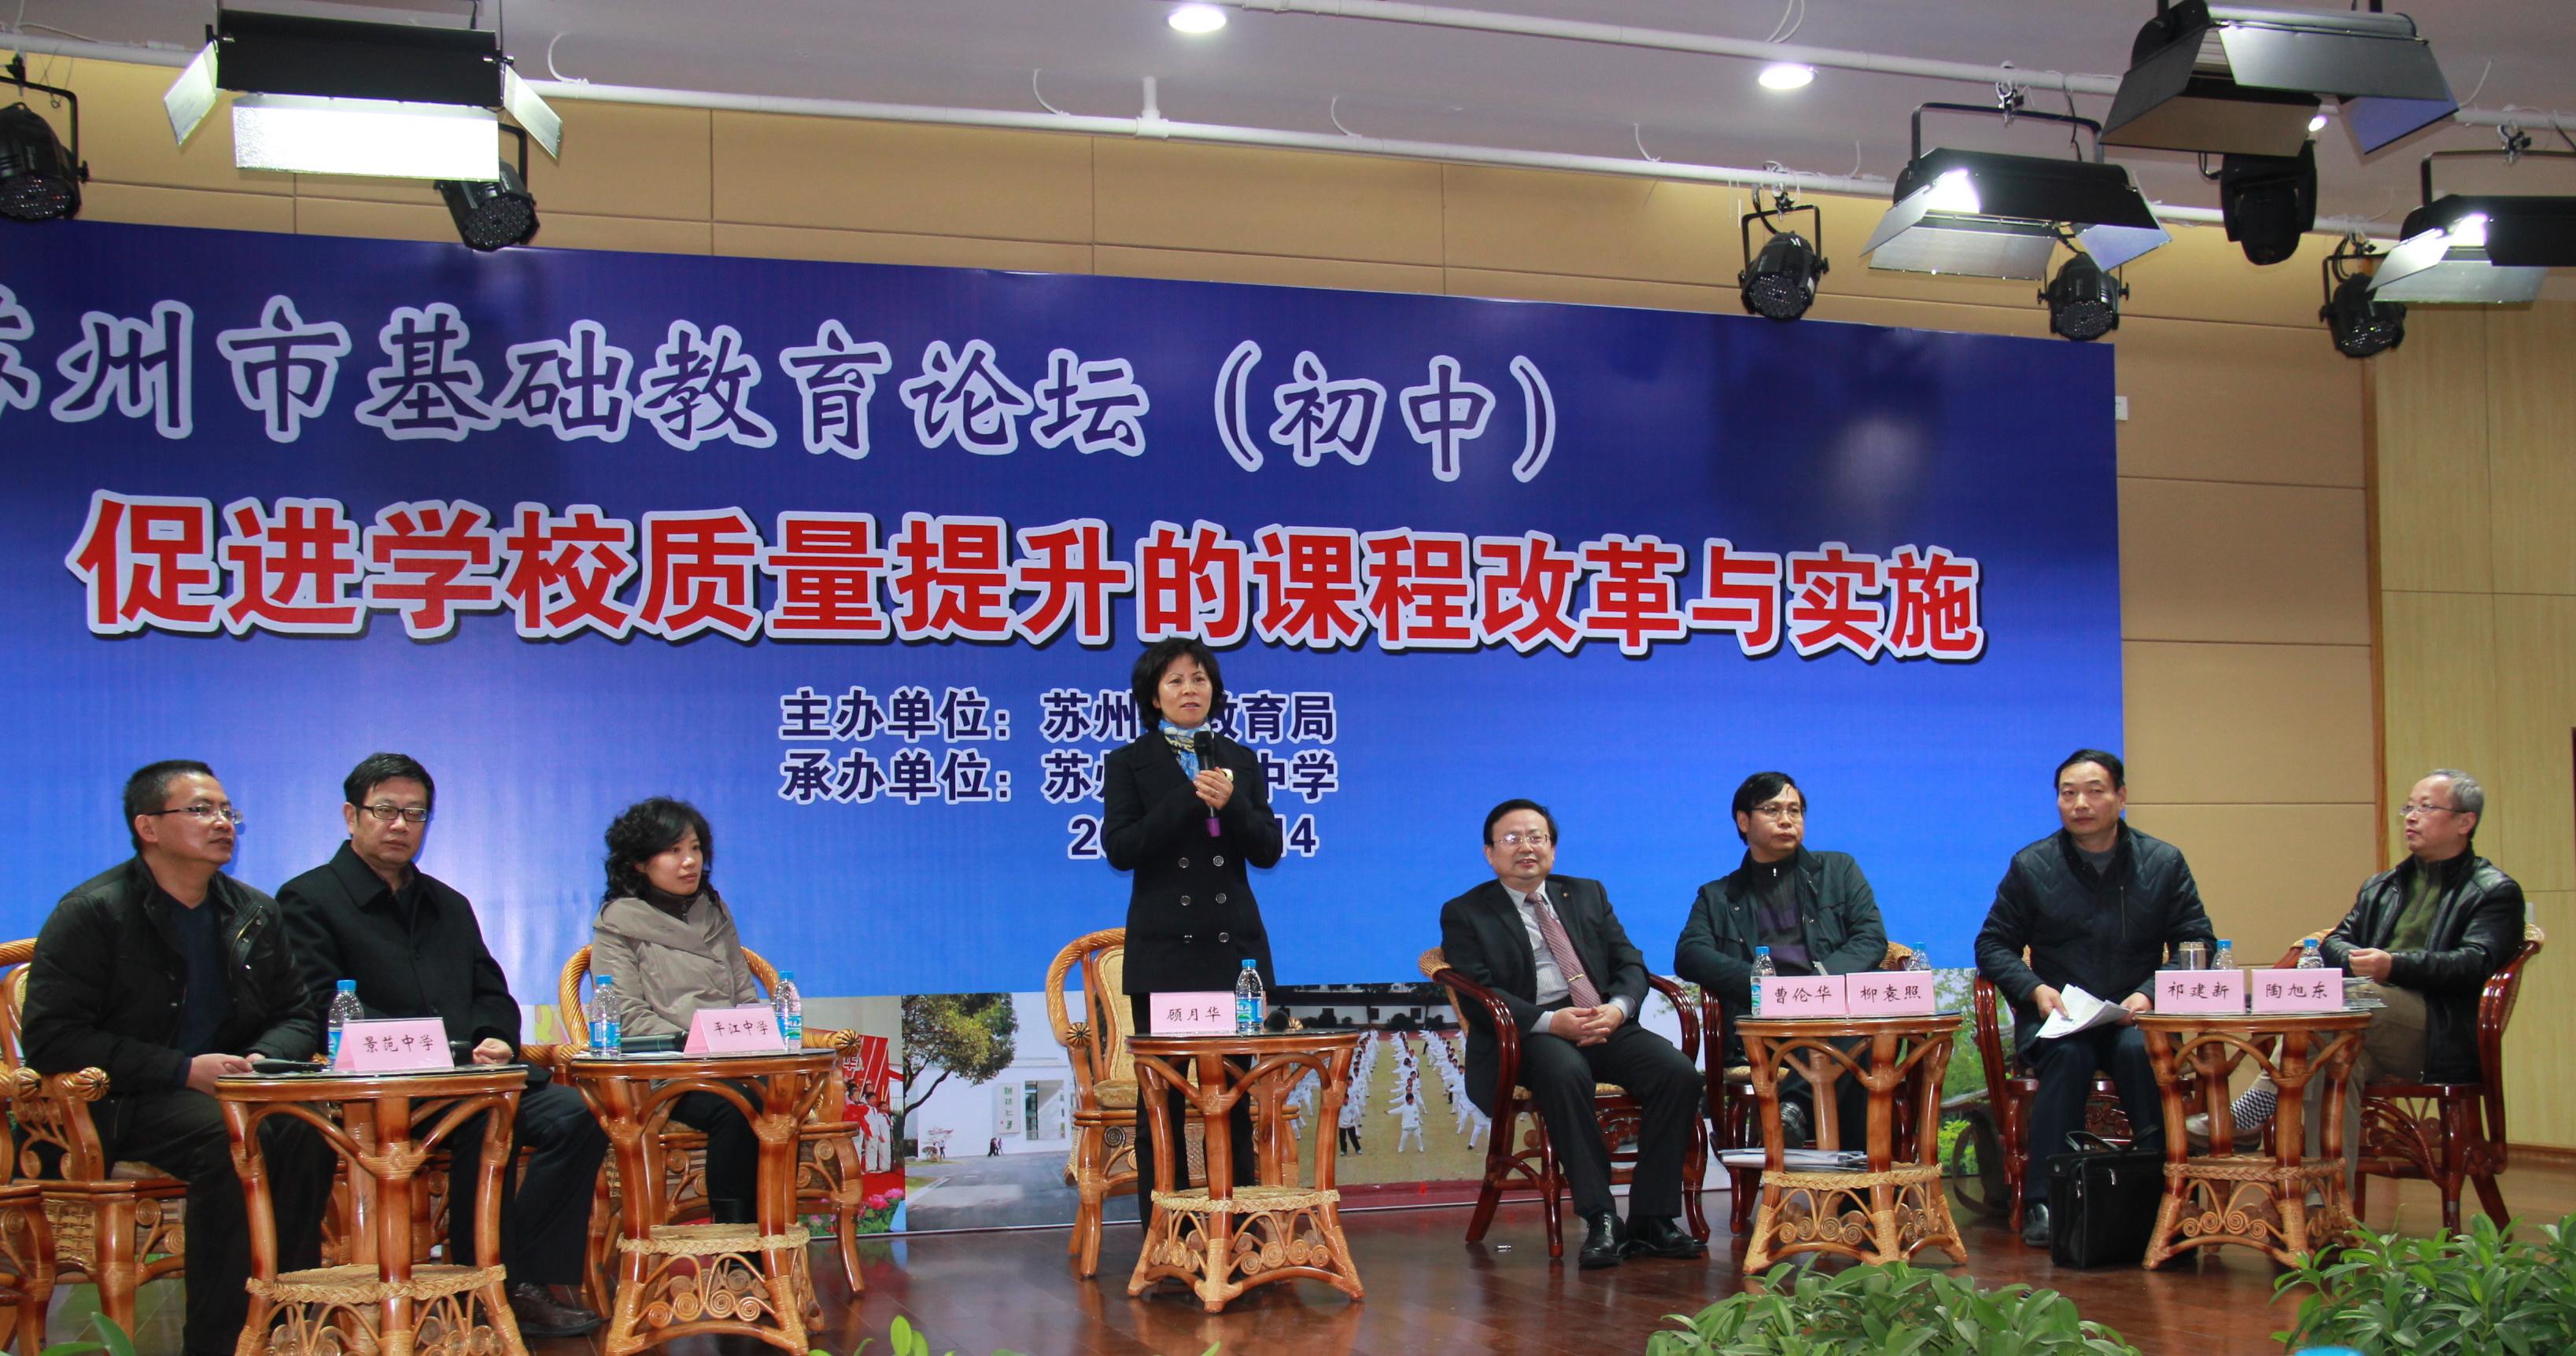 苏州基础教育论坛在振华中学举行